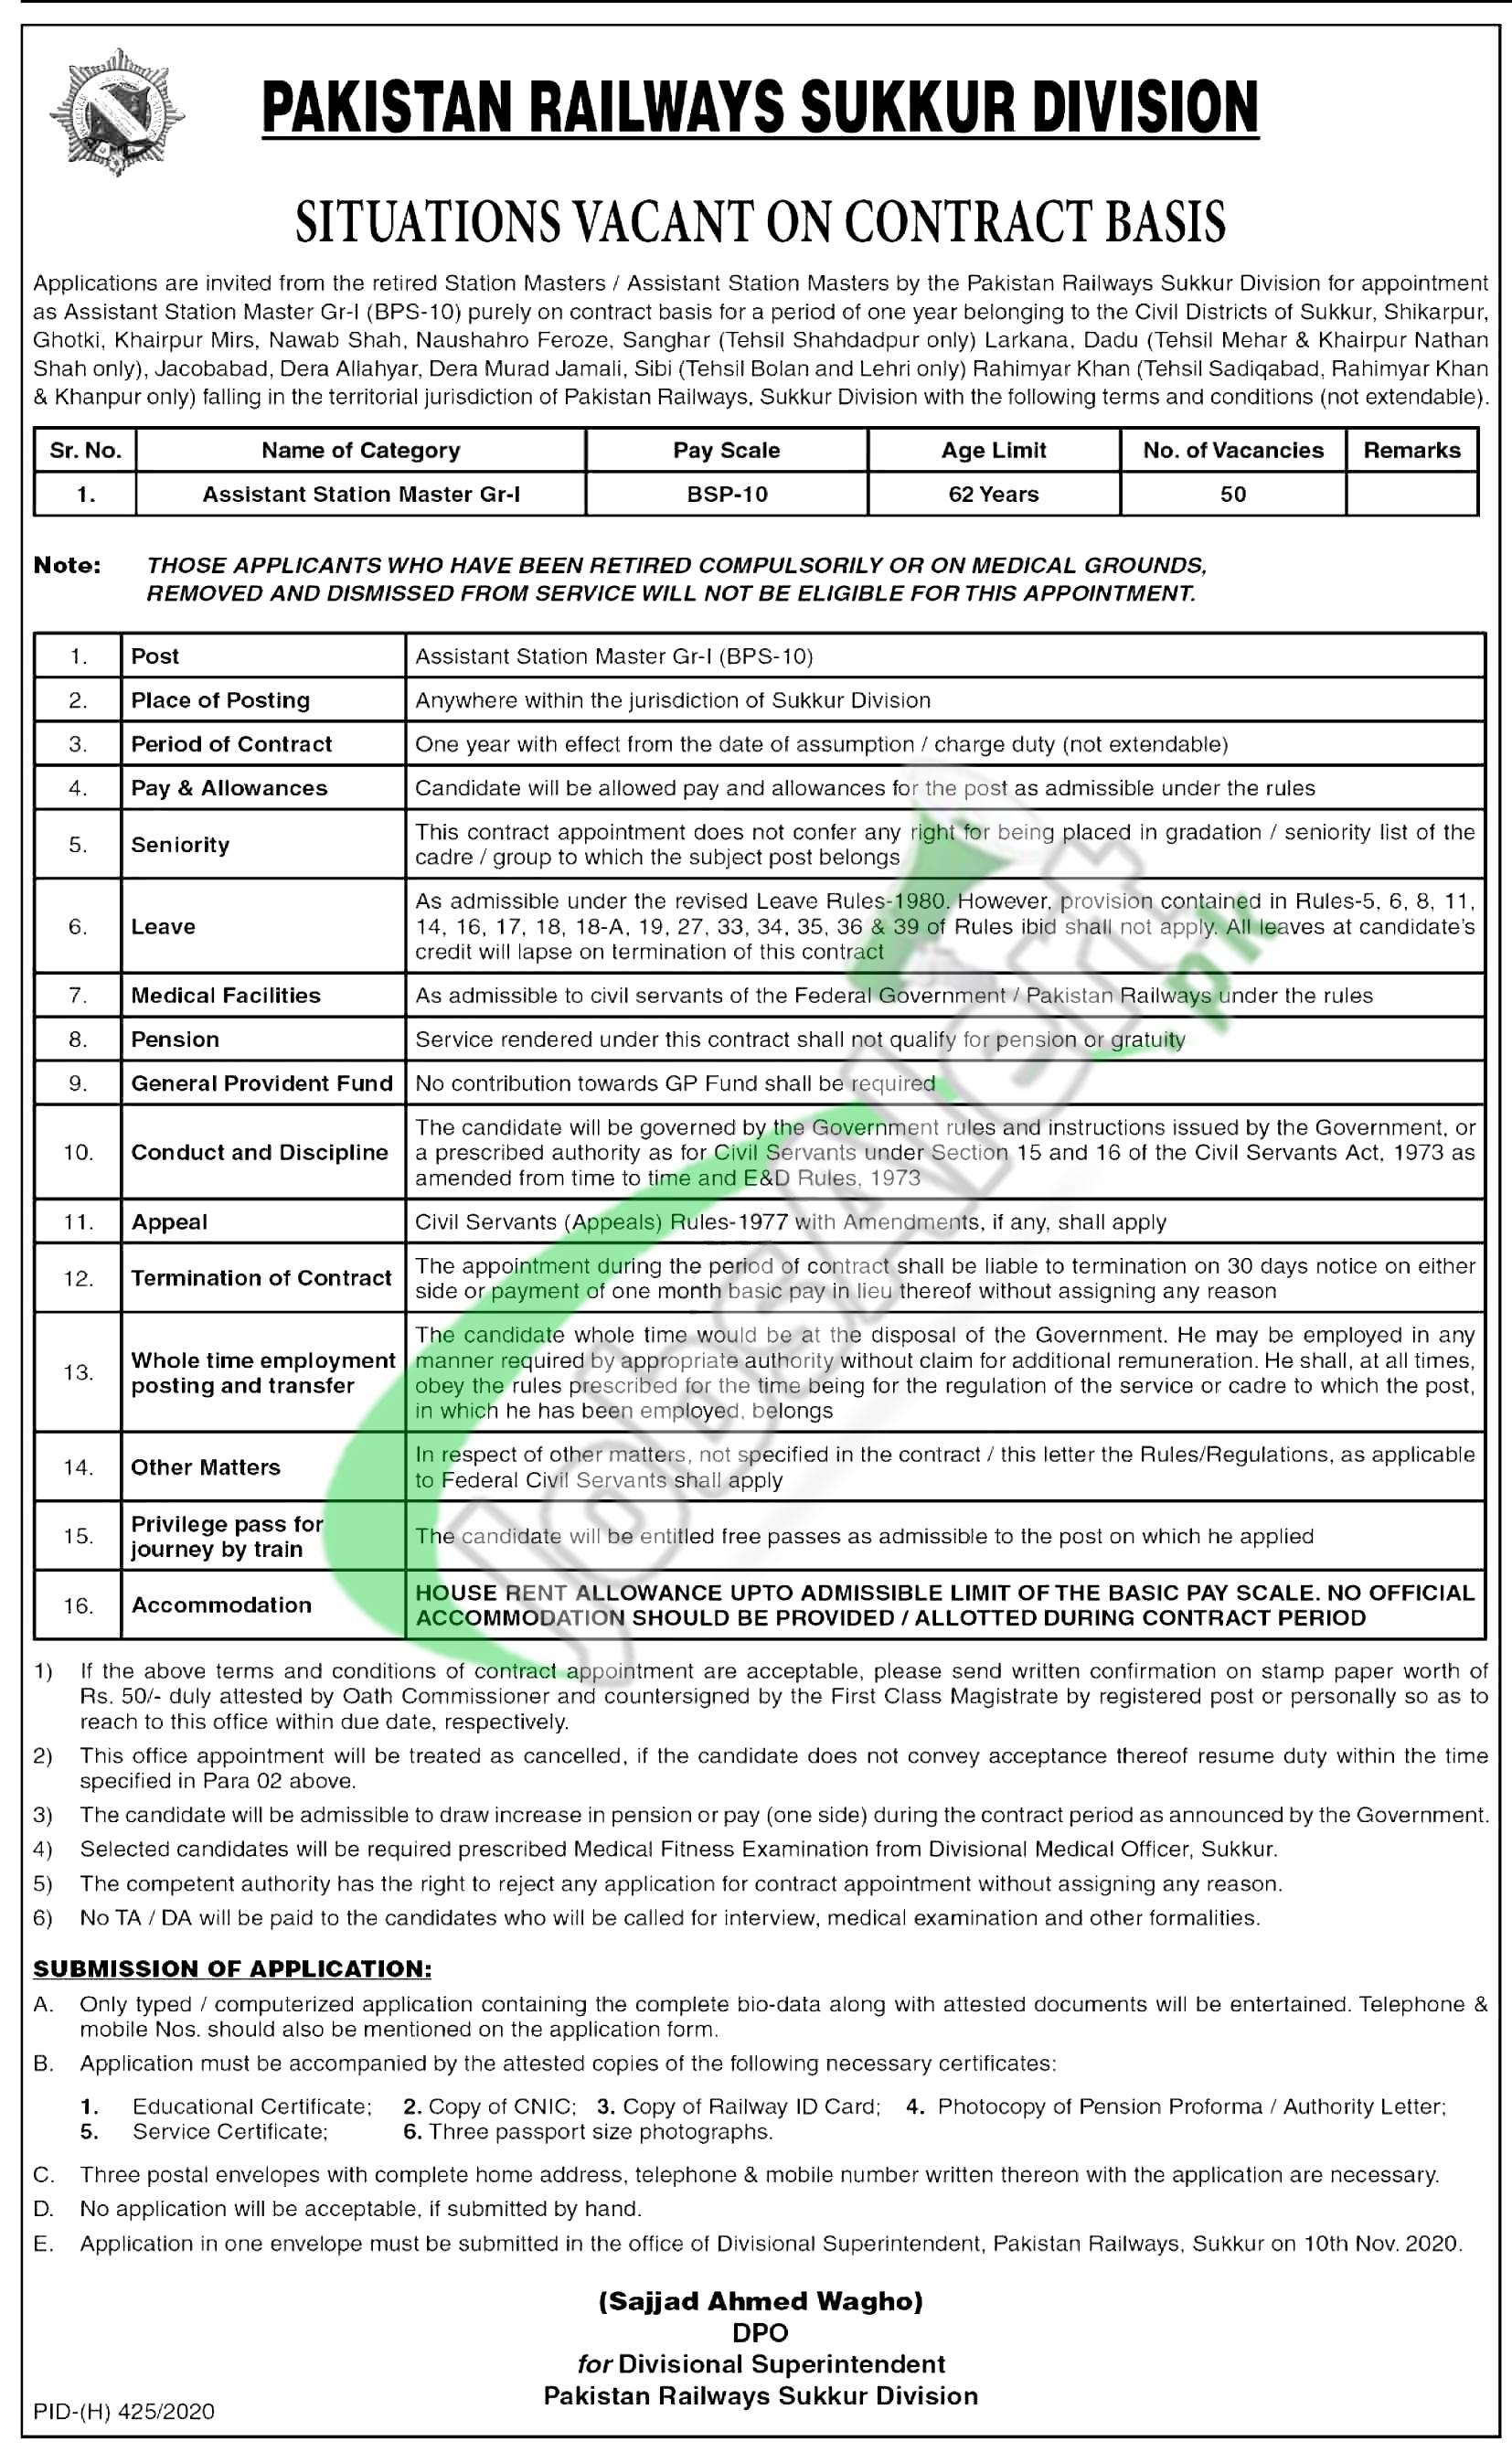 Pakistan Railway Jobs 2020 Sukkur Division